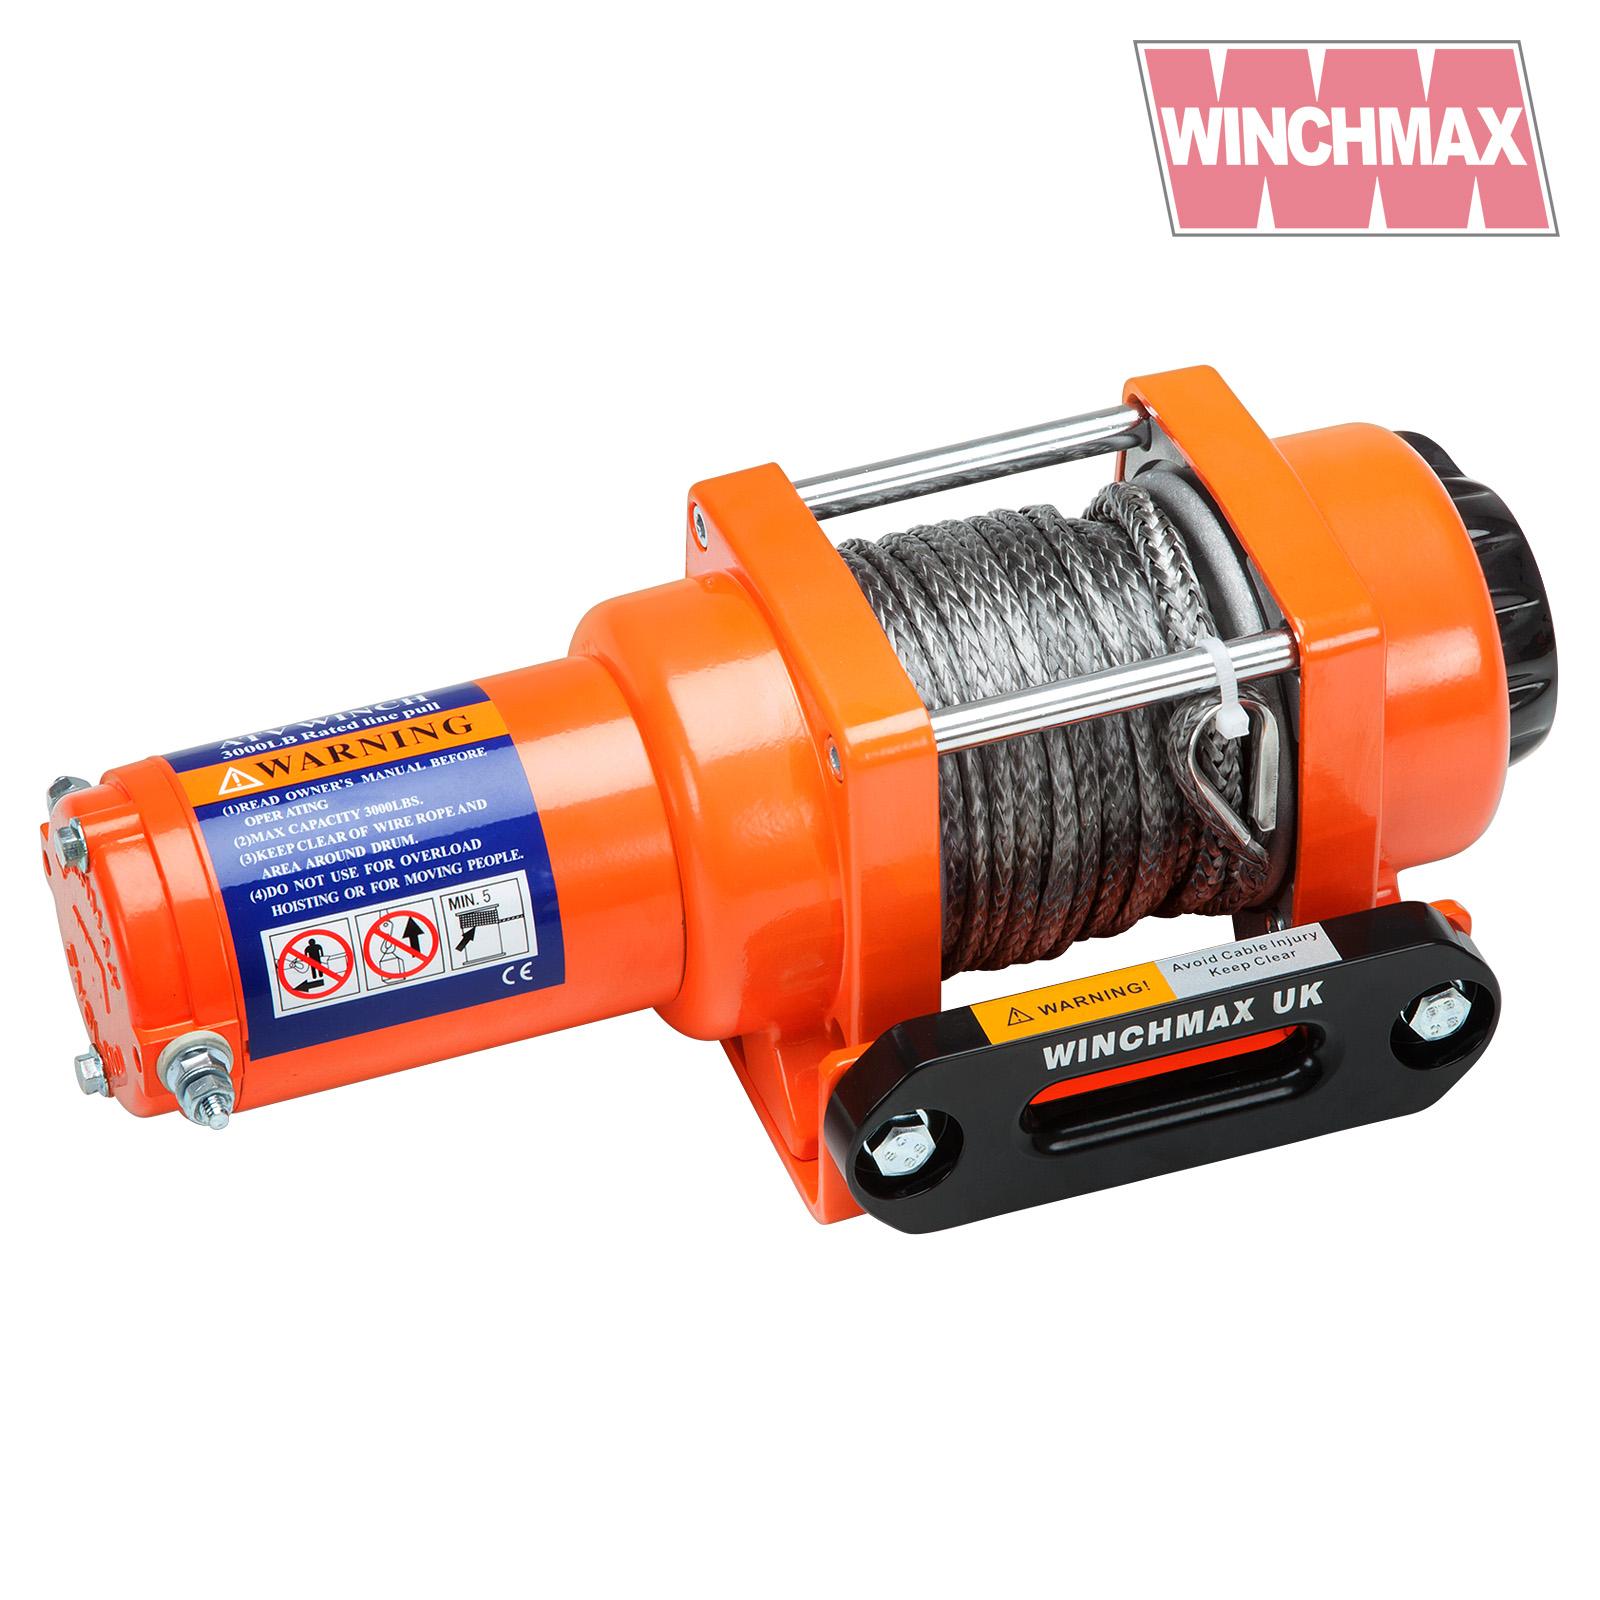 Wm300012vrs winchmax 377